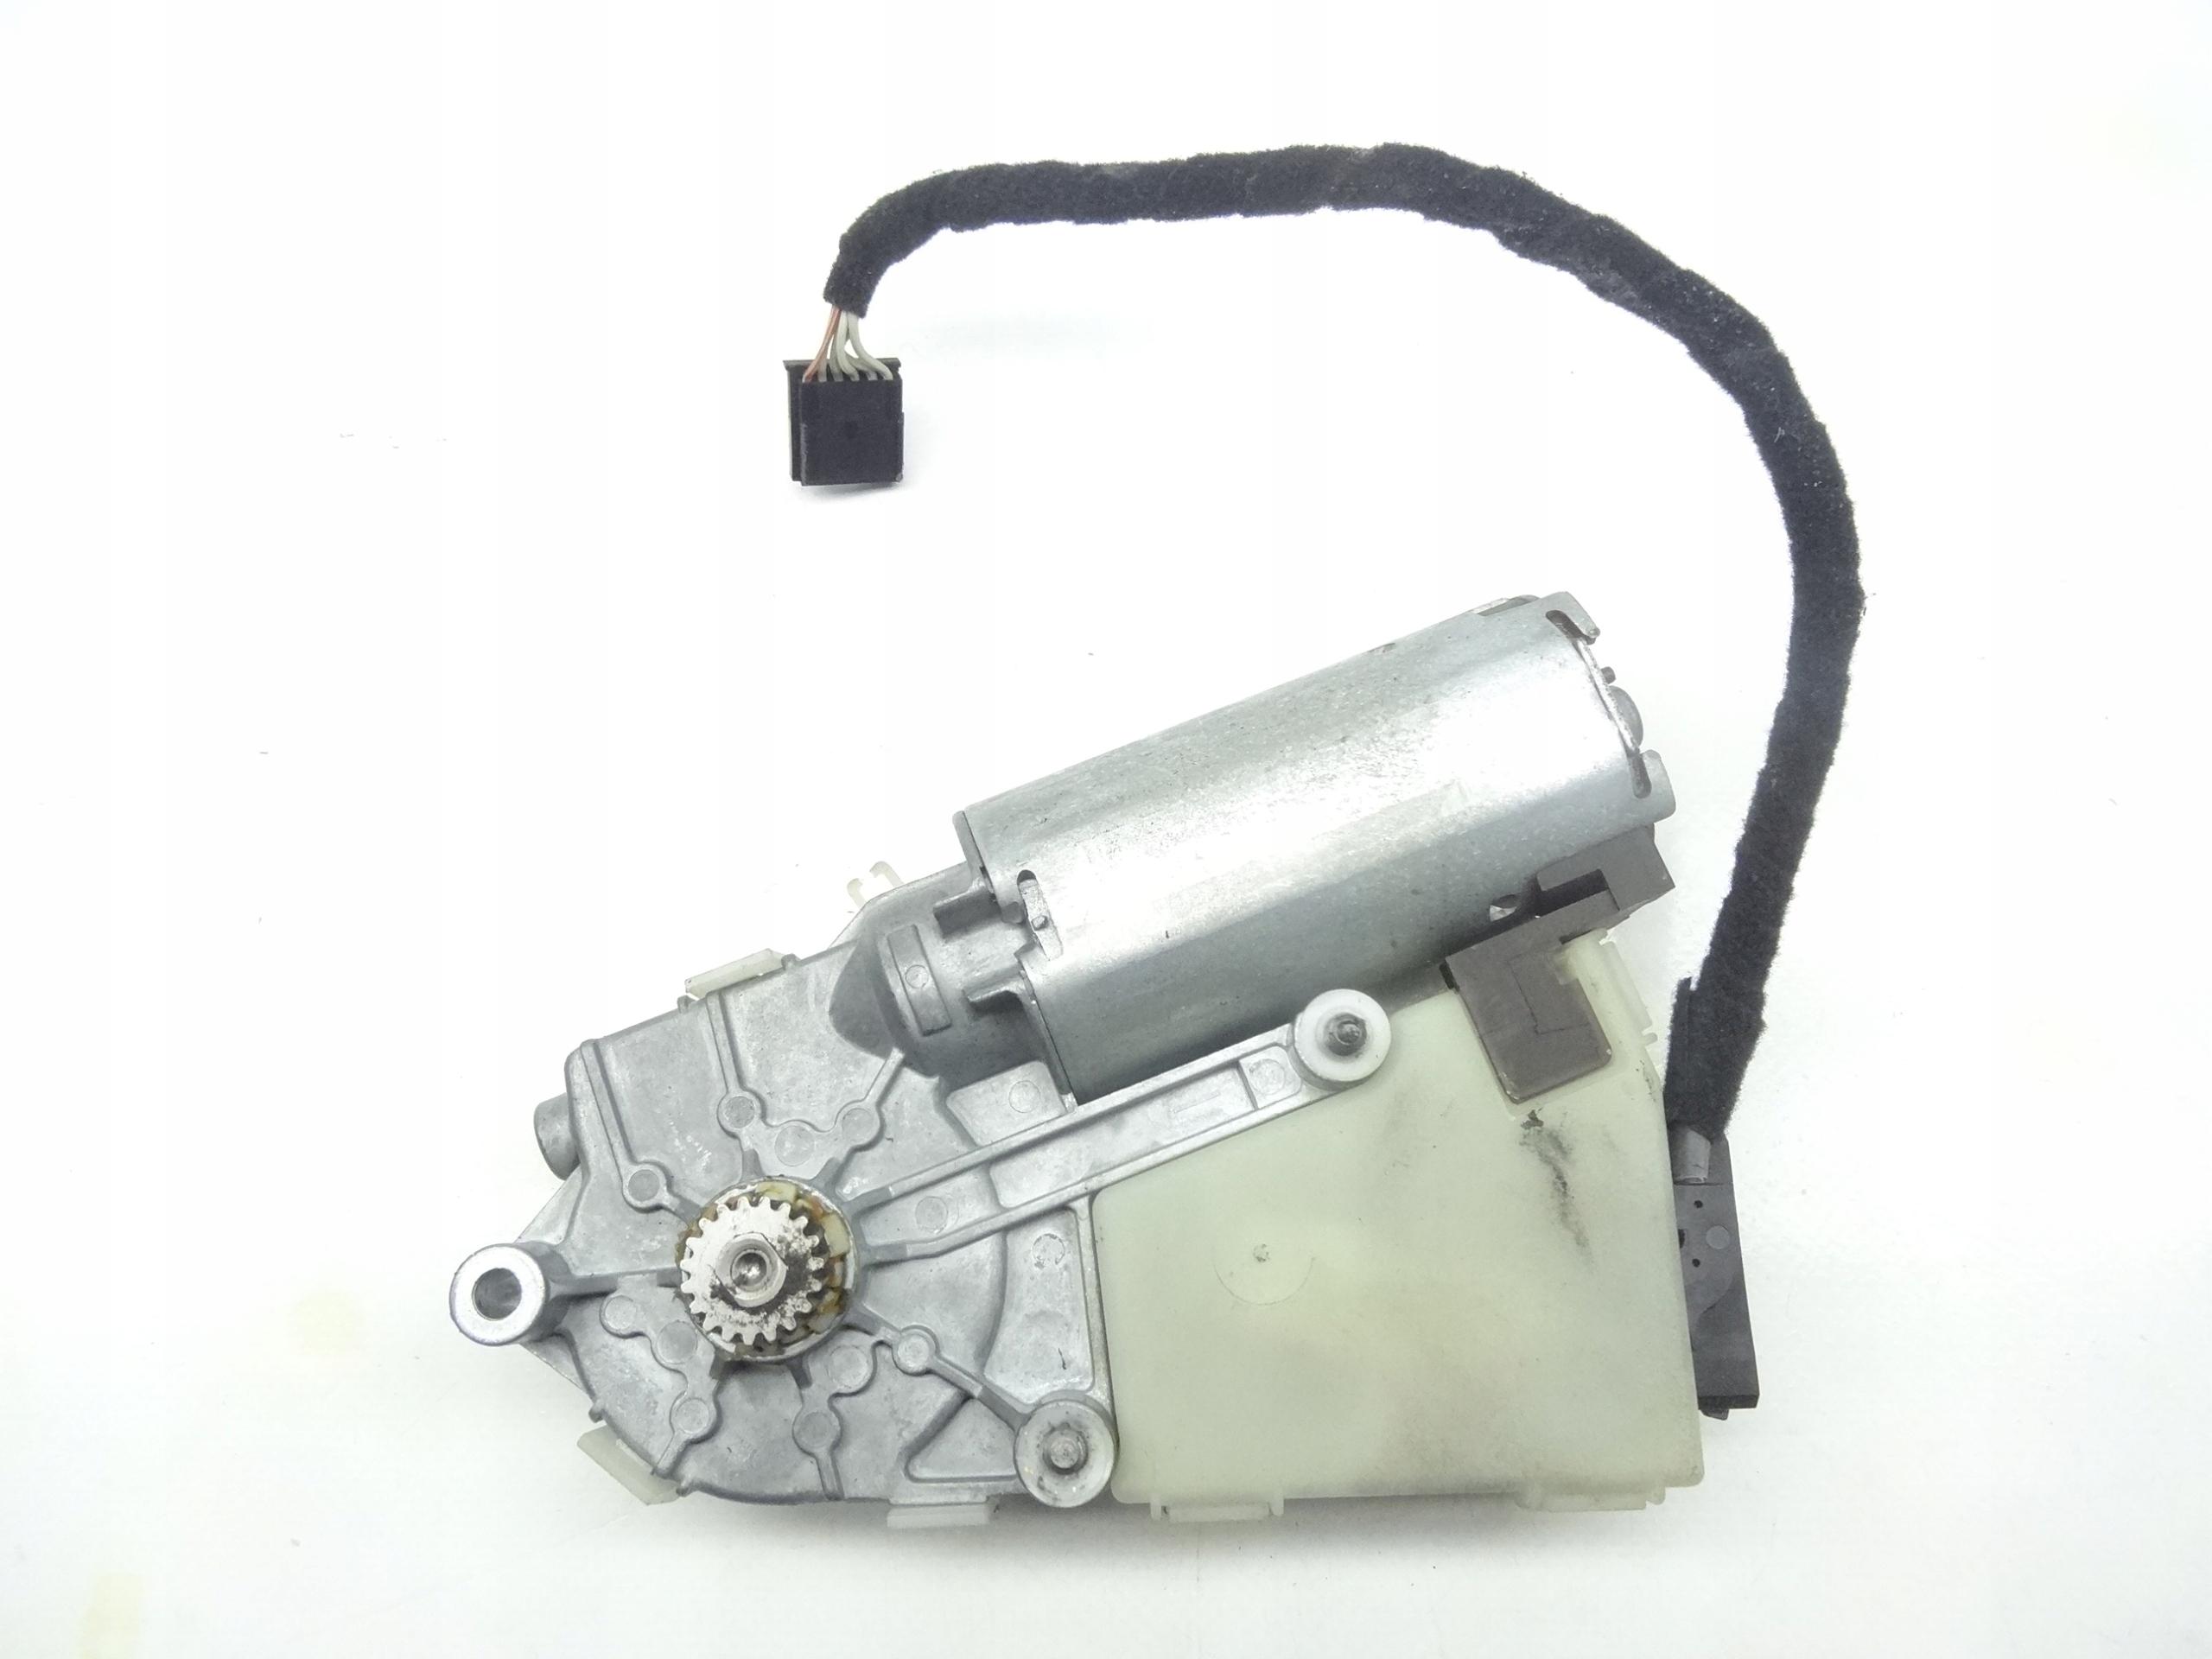 audi a8 d2 двигатель двигатель люка 4a0959591d